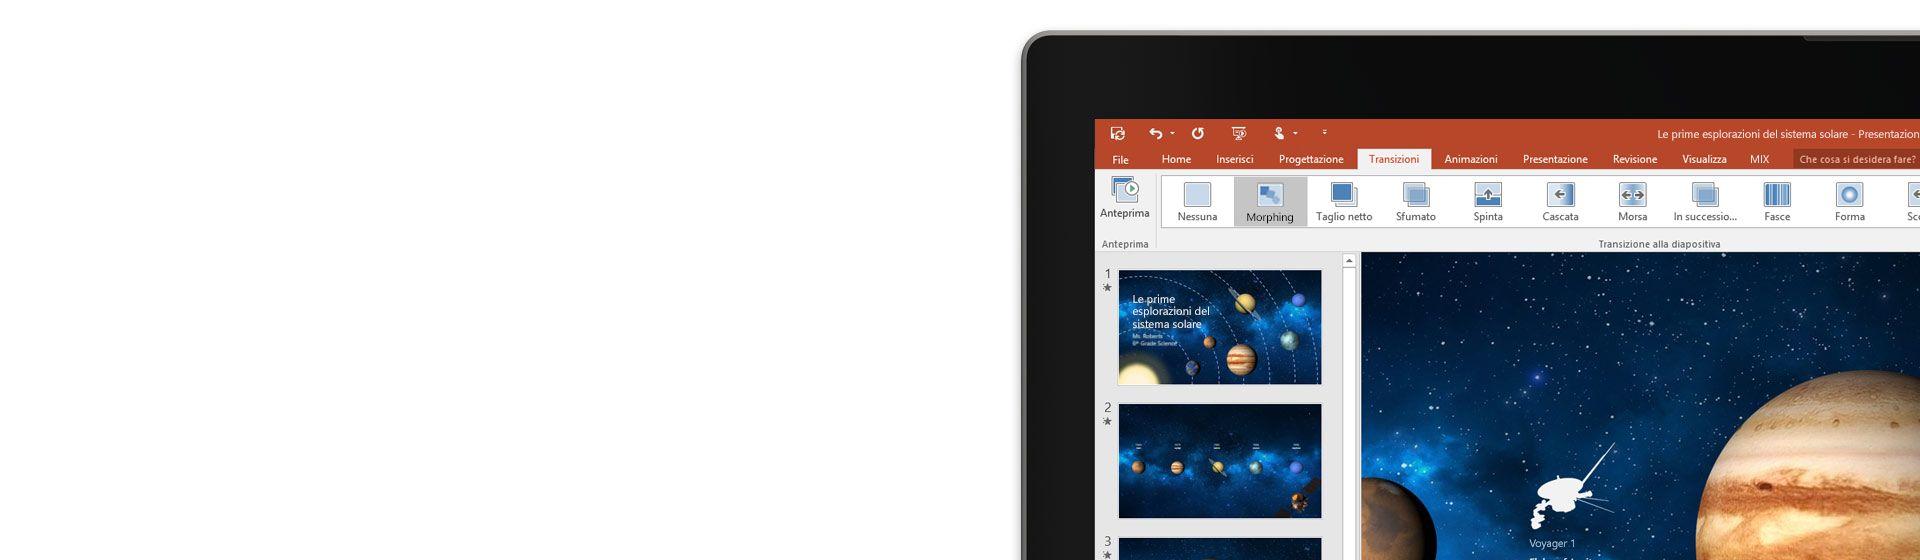 Tablet che visualizza la caratteristica Morphing nella diapositiva di una presentazione di PowerPoint.